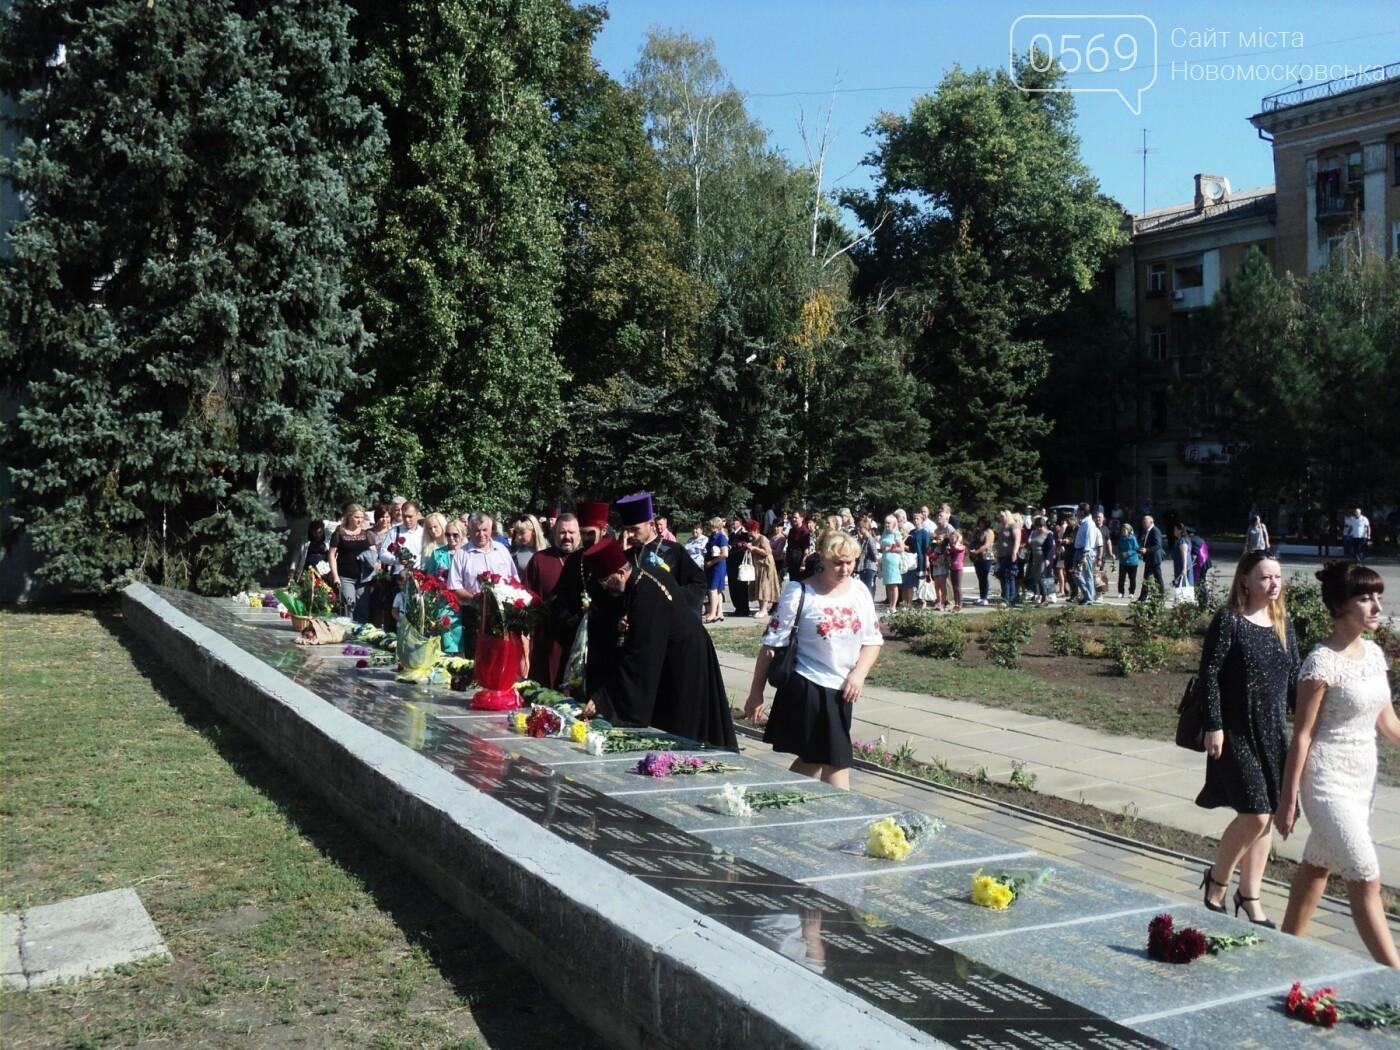 В Новомосковську пройшов урочистий мітинг до Дня міста, фото-6